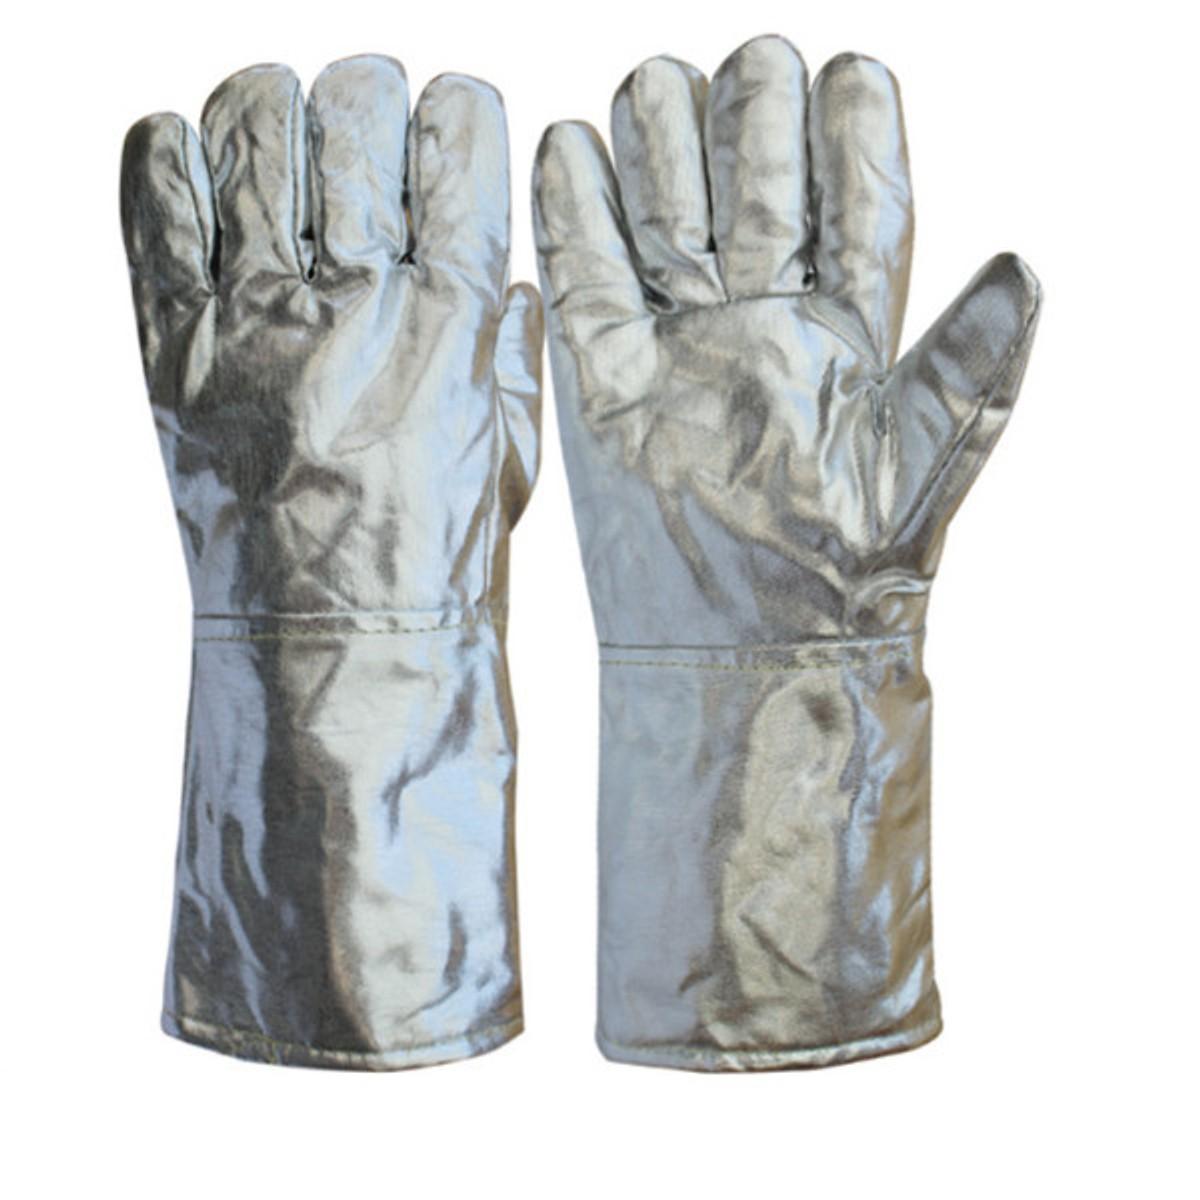 Găng tay tráng bạc chịu nhiệt Castong PCRR15-34